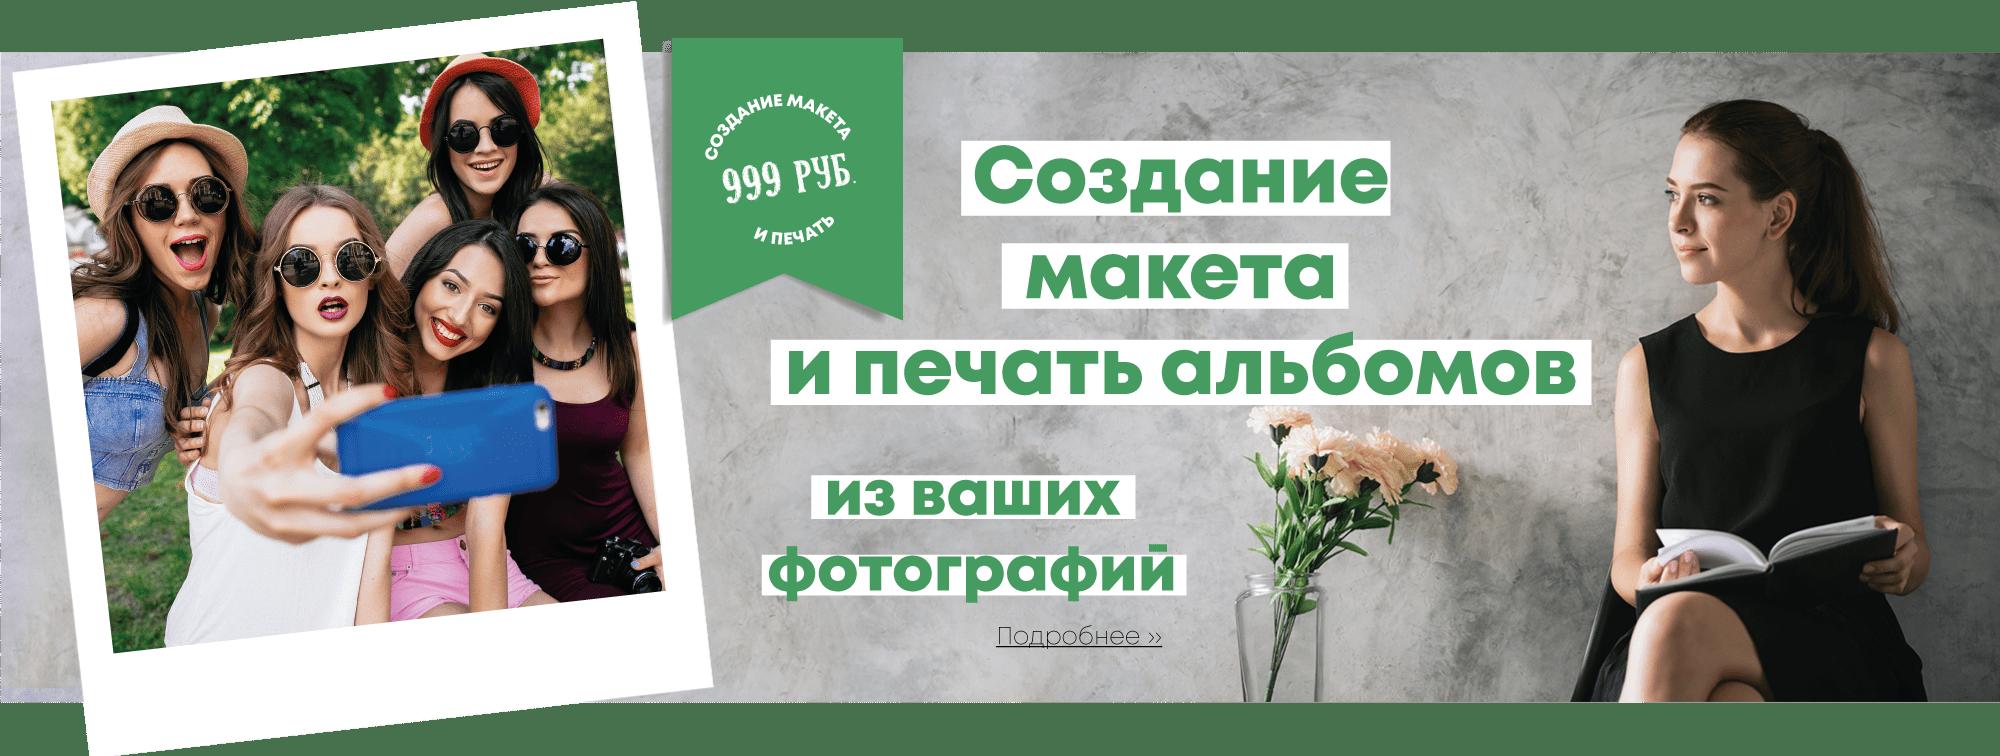 Создание макета из Ваших фото и печать за 999 руб.